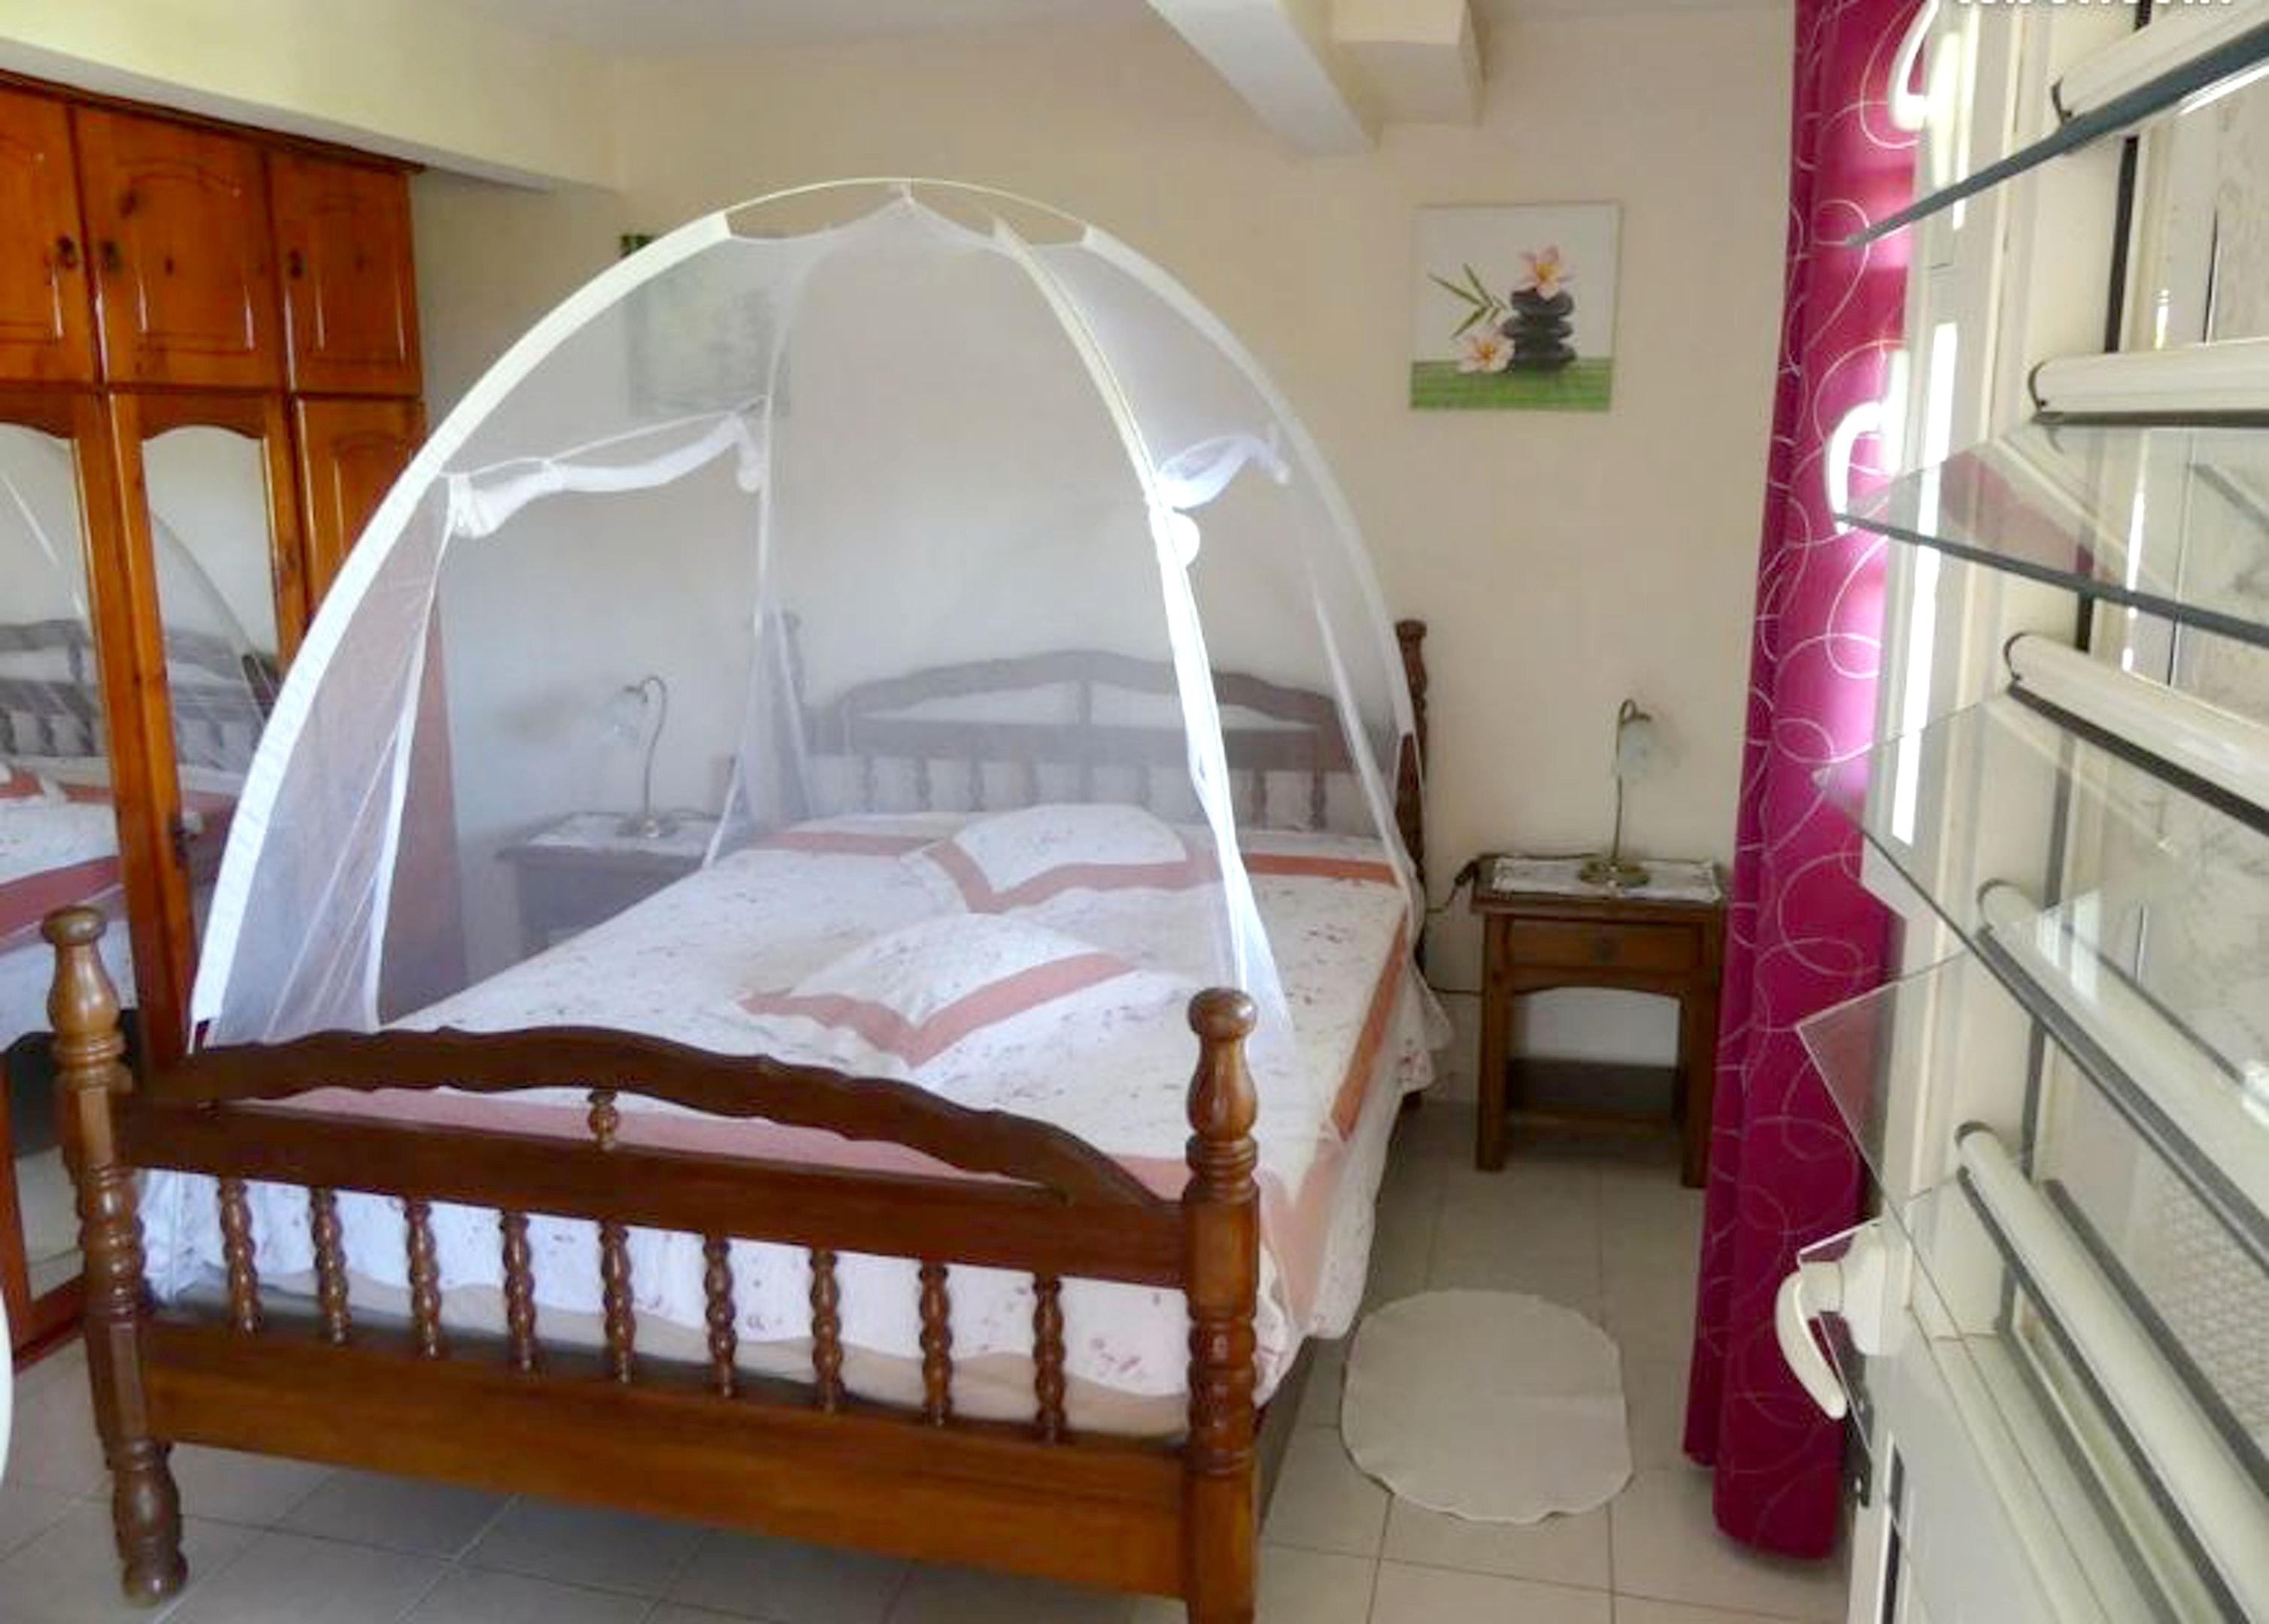 Wohnung mit 2 Schlafzimmern in Le Vauclin mit toller Aussicht auf die Berge, eingezäuntem Garten und W-LAN - 1 km vom Strand entfernt